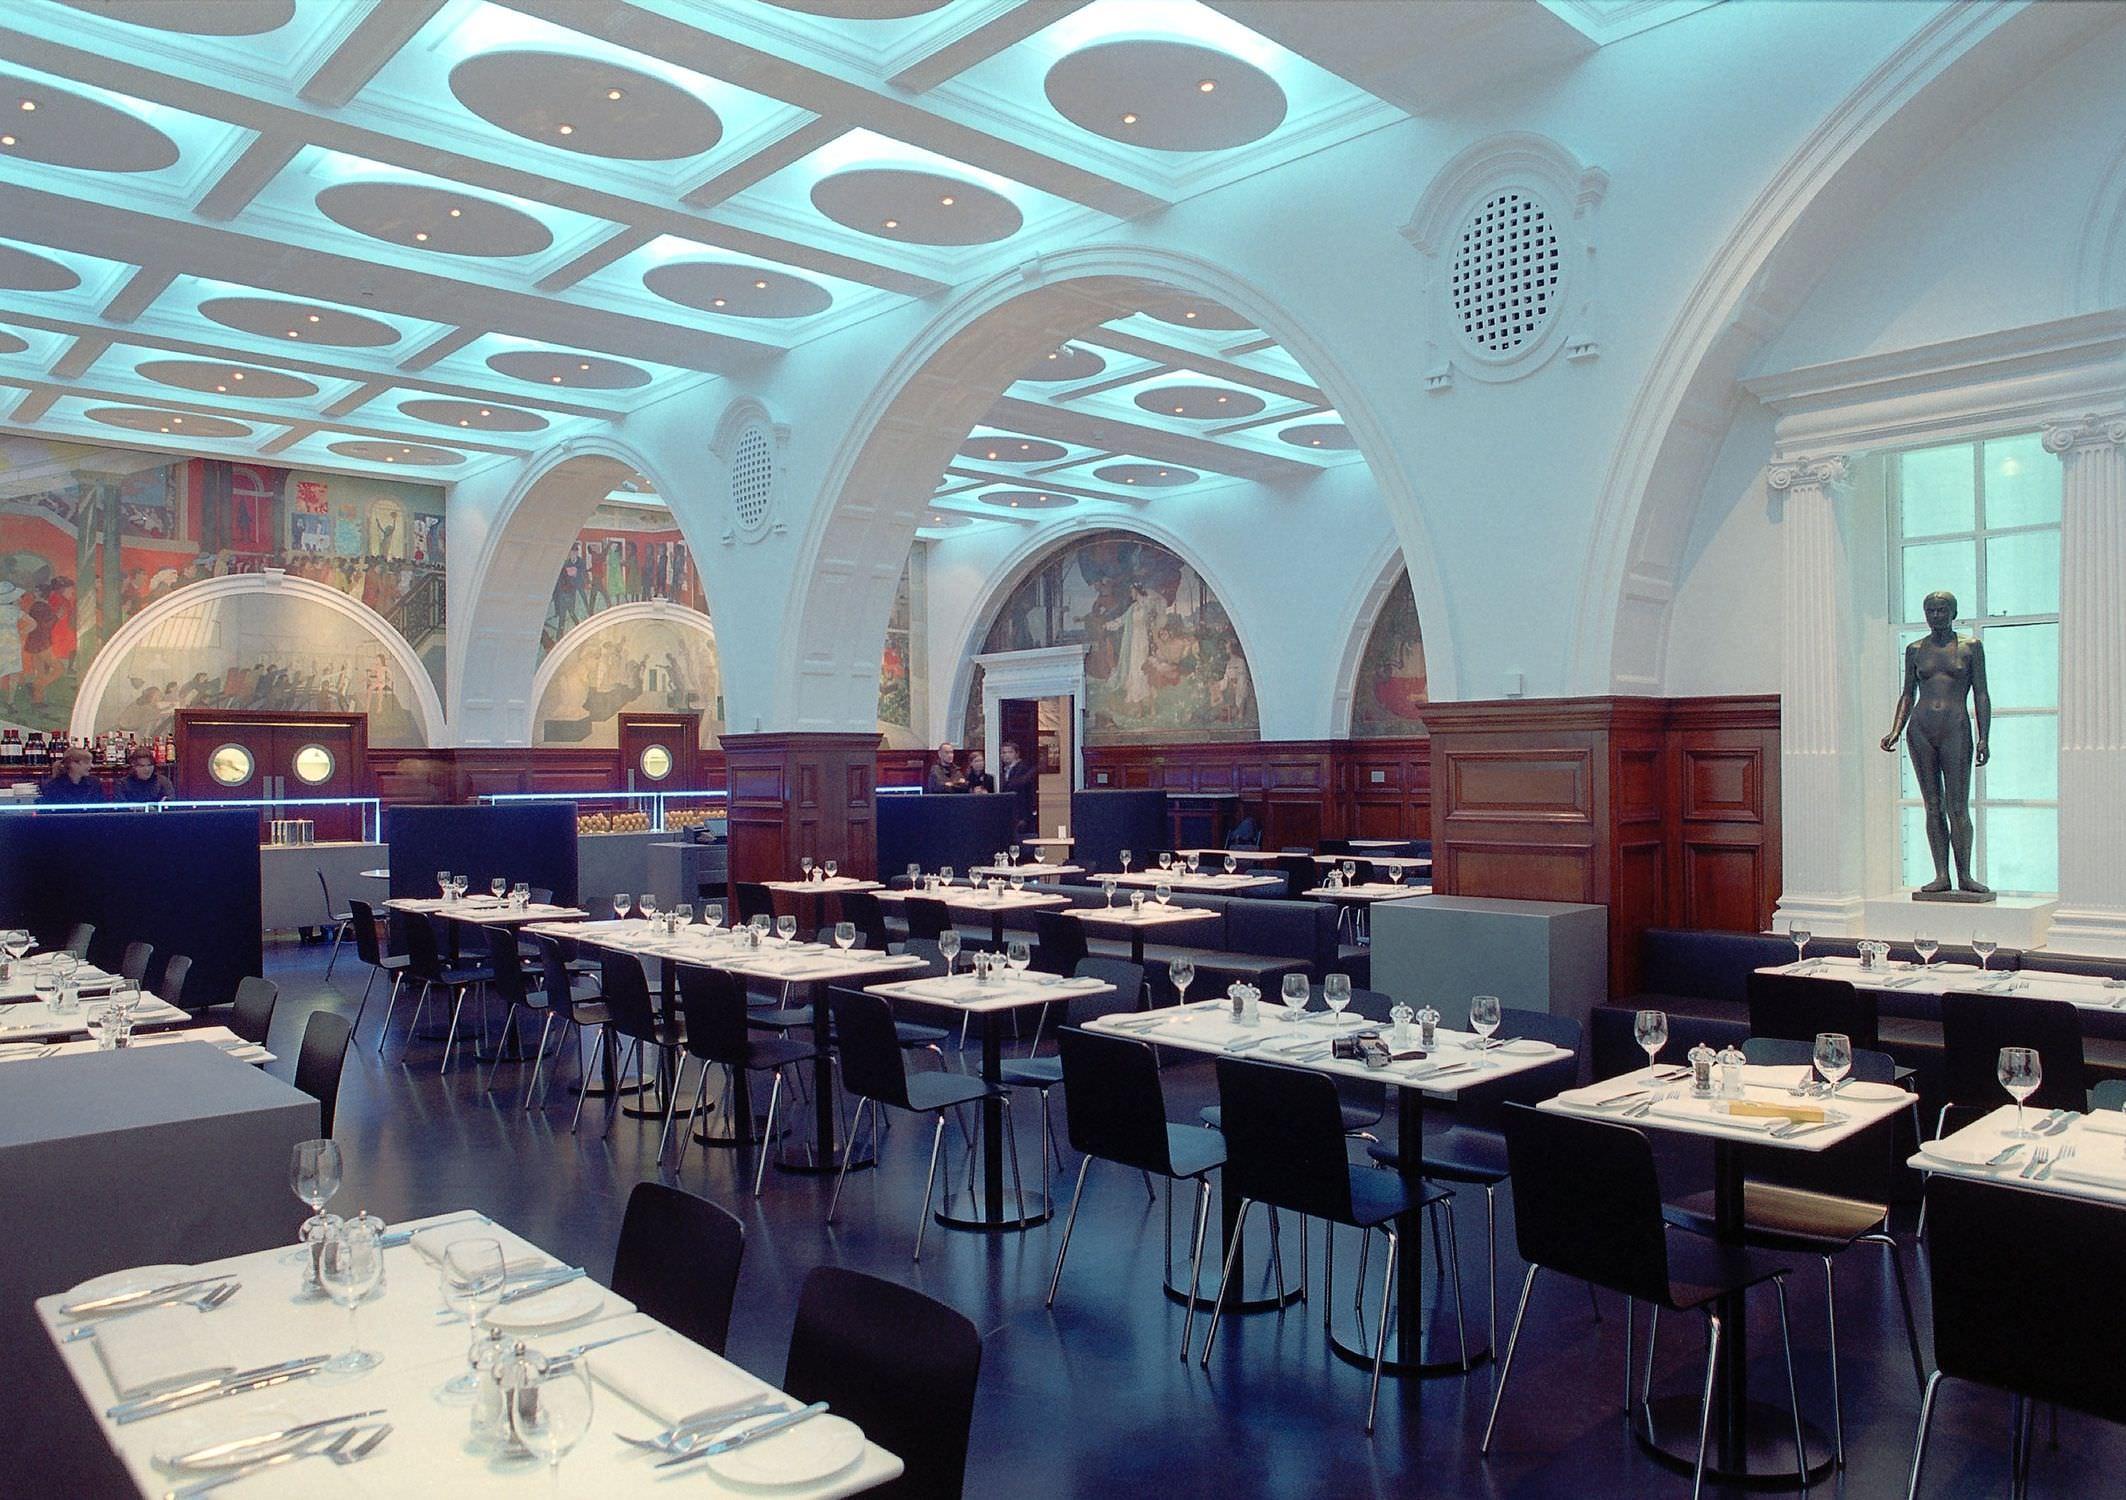 Plafond Tendu En Toile Acoustique Lumineux Perforé Bars